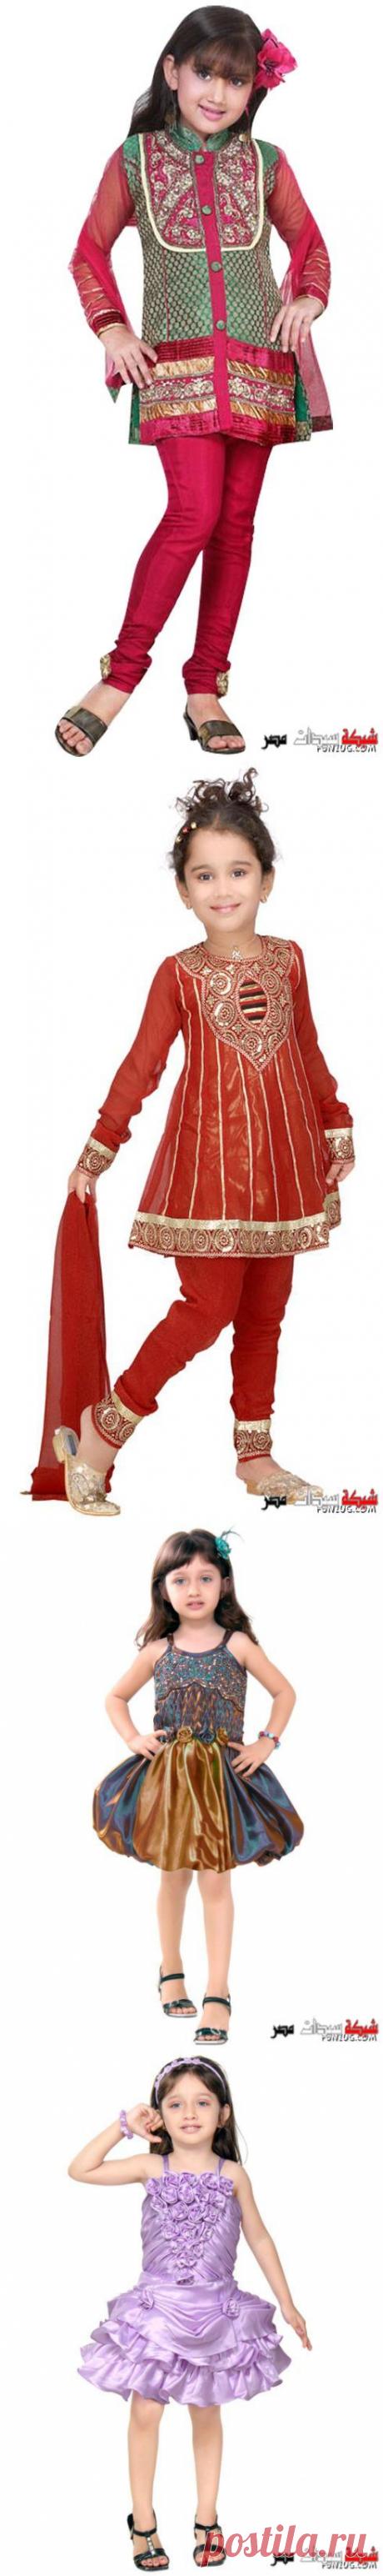 ازياء اطفال 2020 , استايل ملابس اطفال هنديه ,2020indian kids fashion